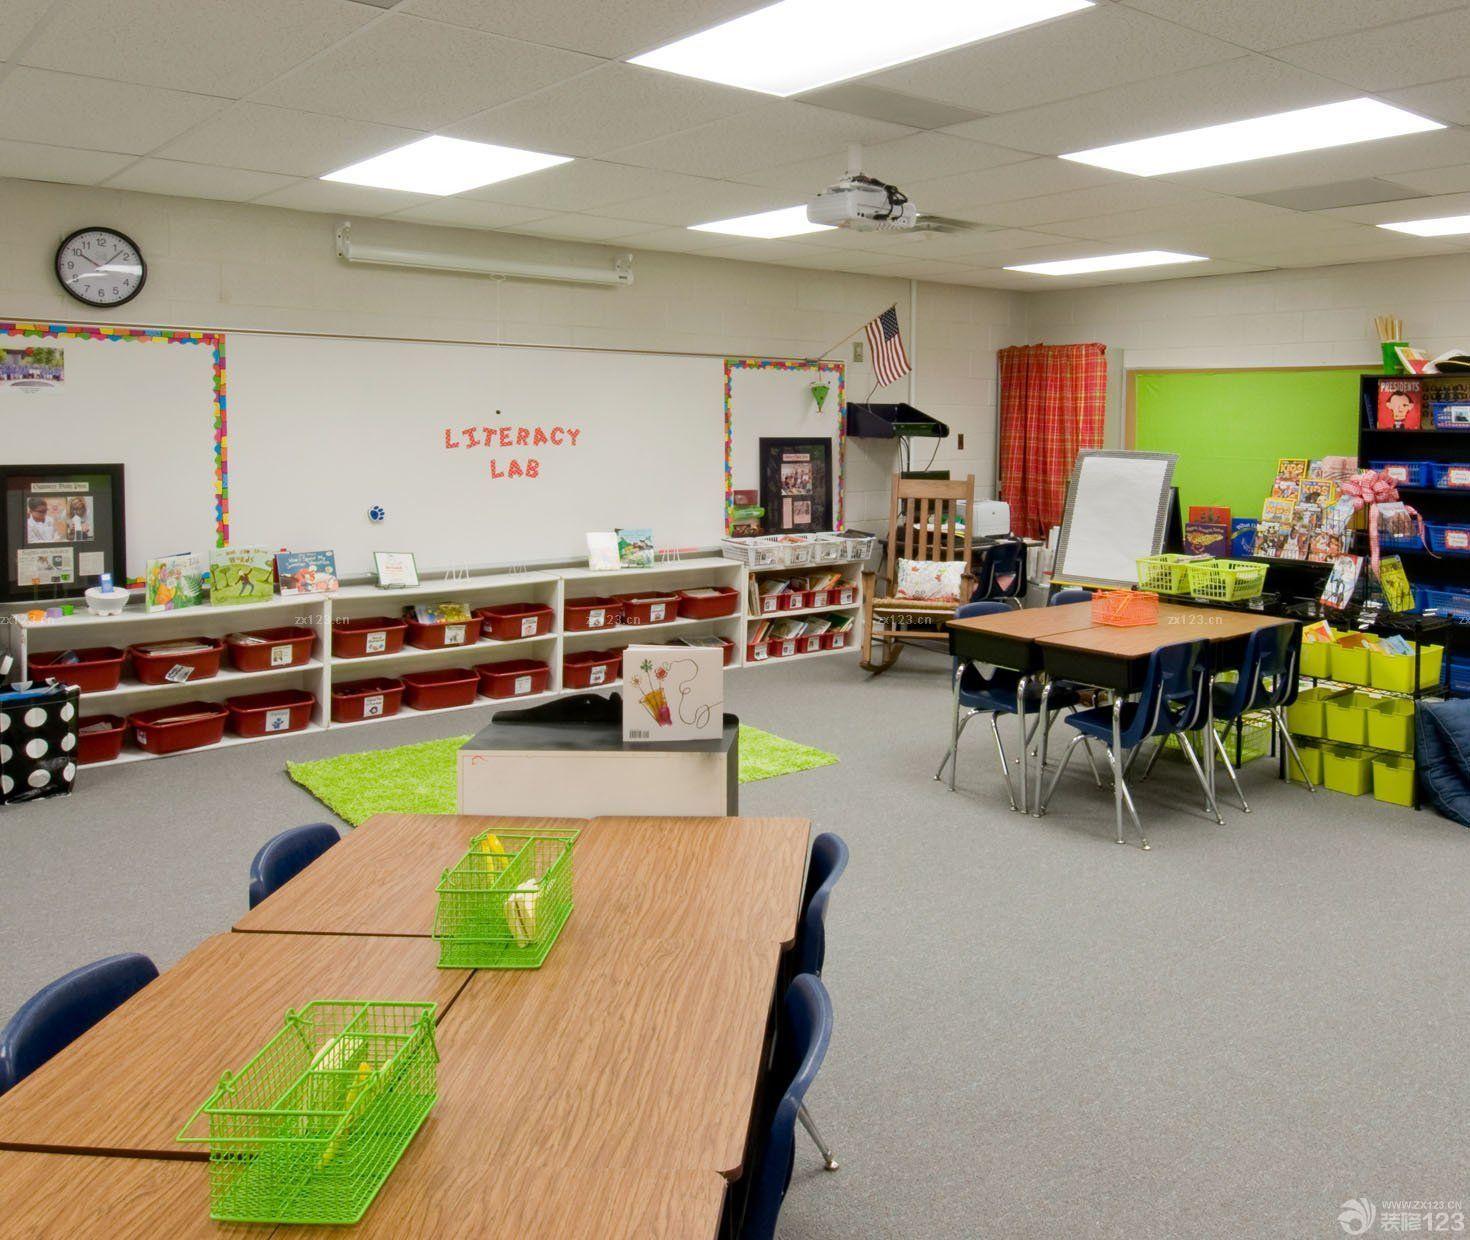 高中教室内墙面设计图片展示